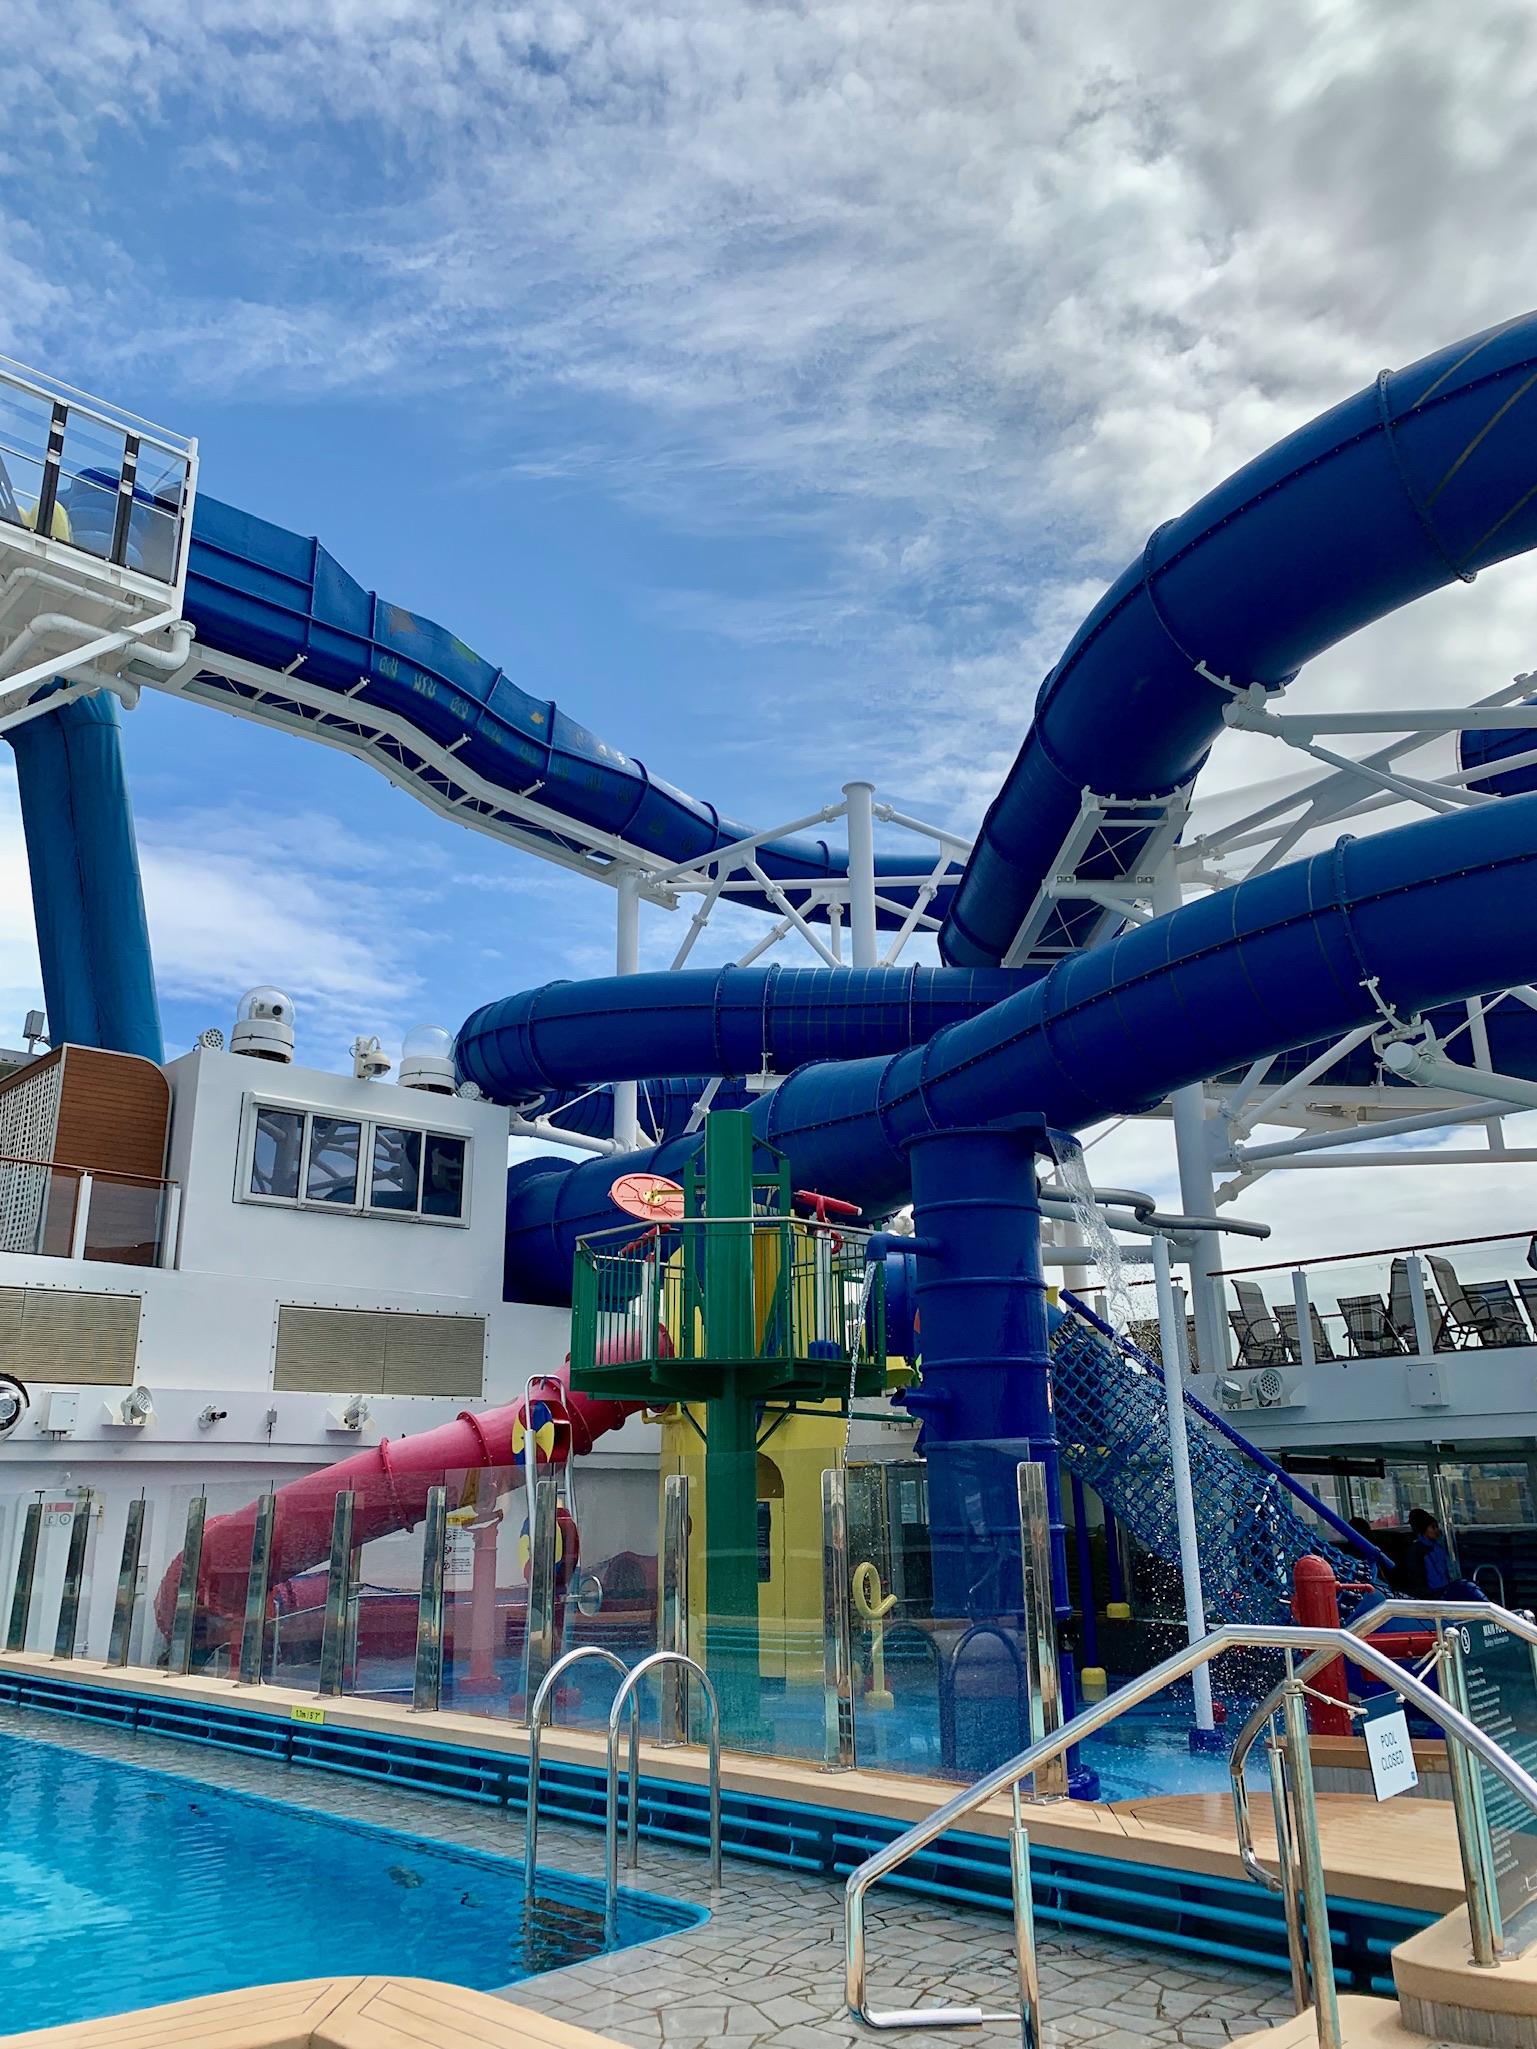 NCL Joy Pool Deck Water Park Slide View 2